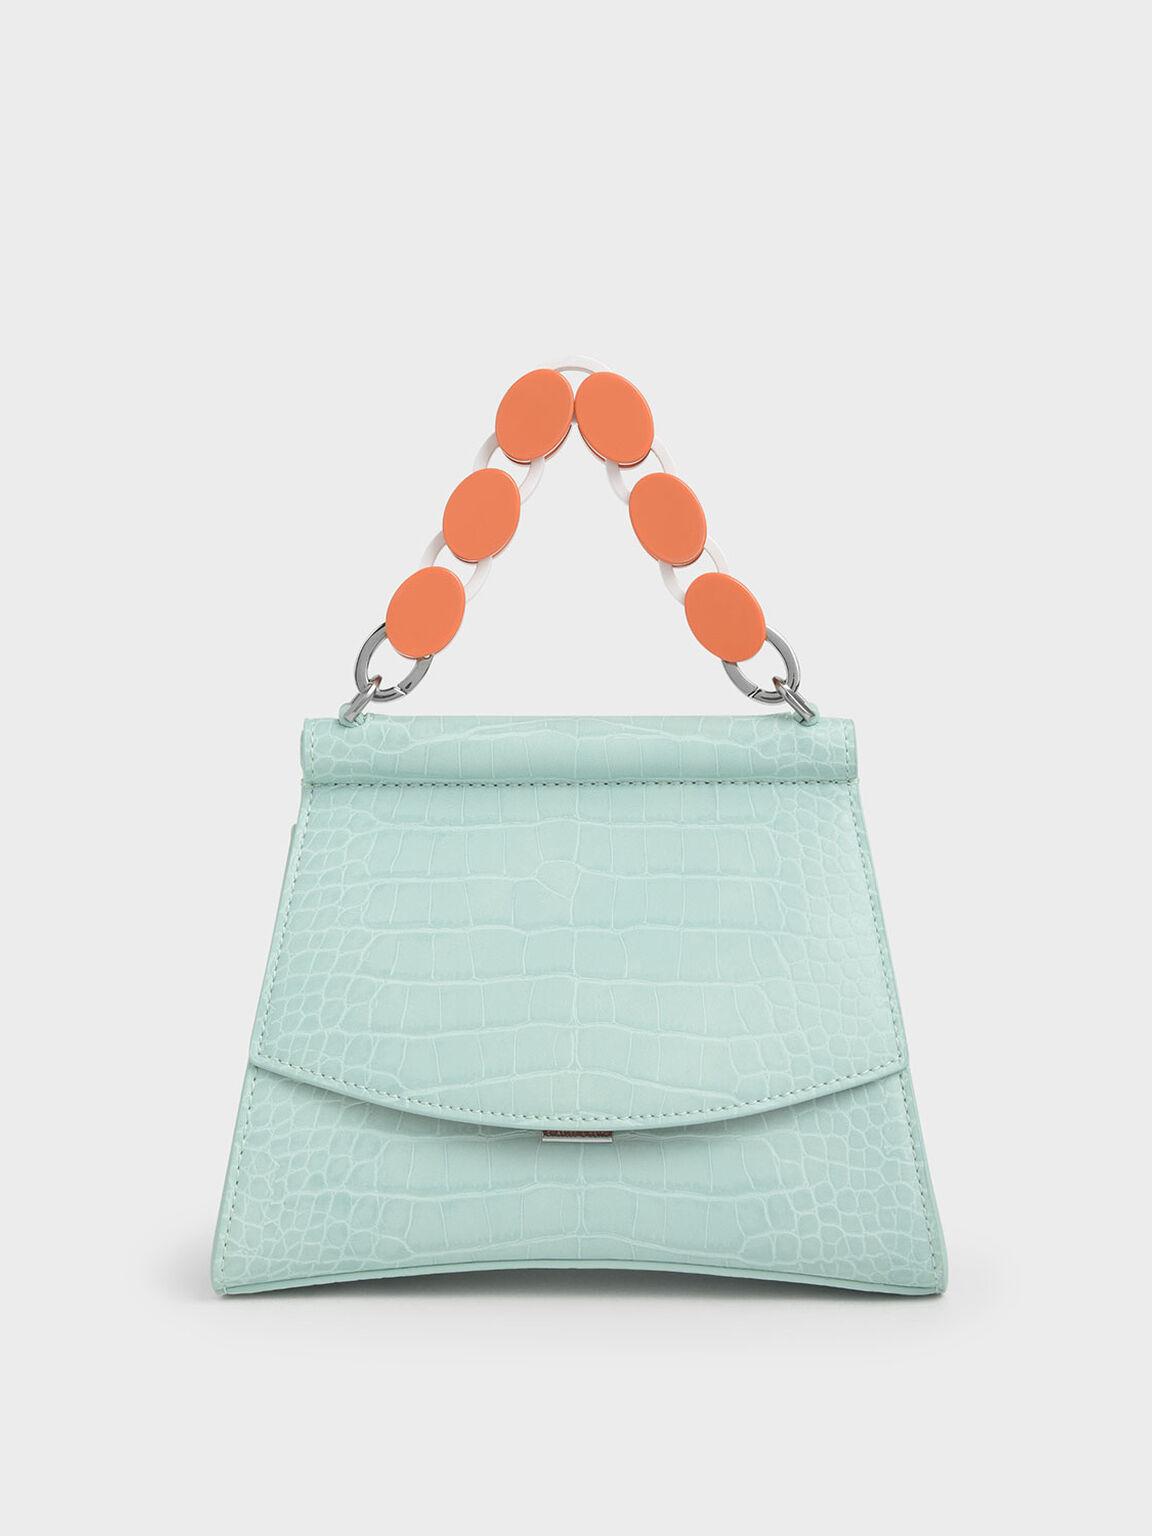 壓克力鍊條掀蓋包, 薄荷藍, hi-res